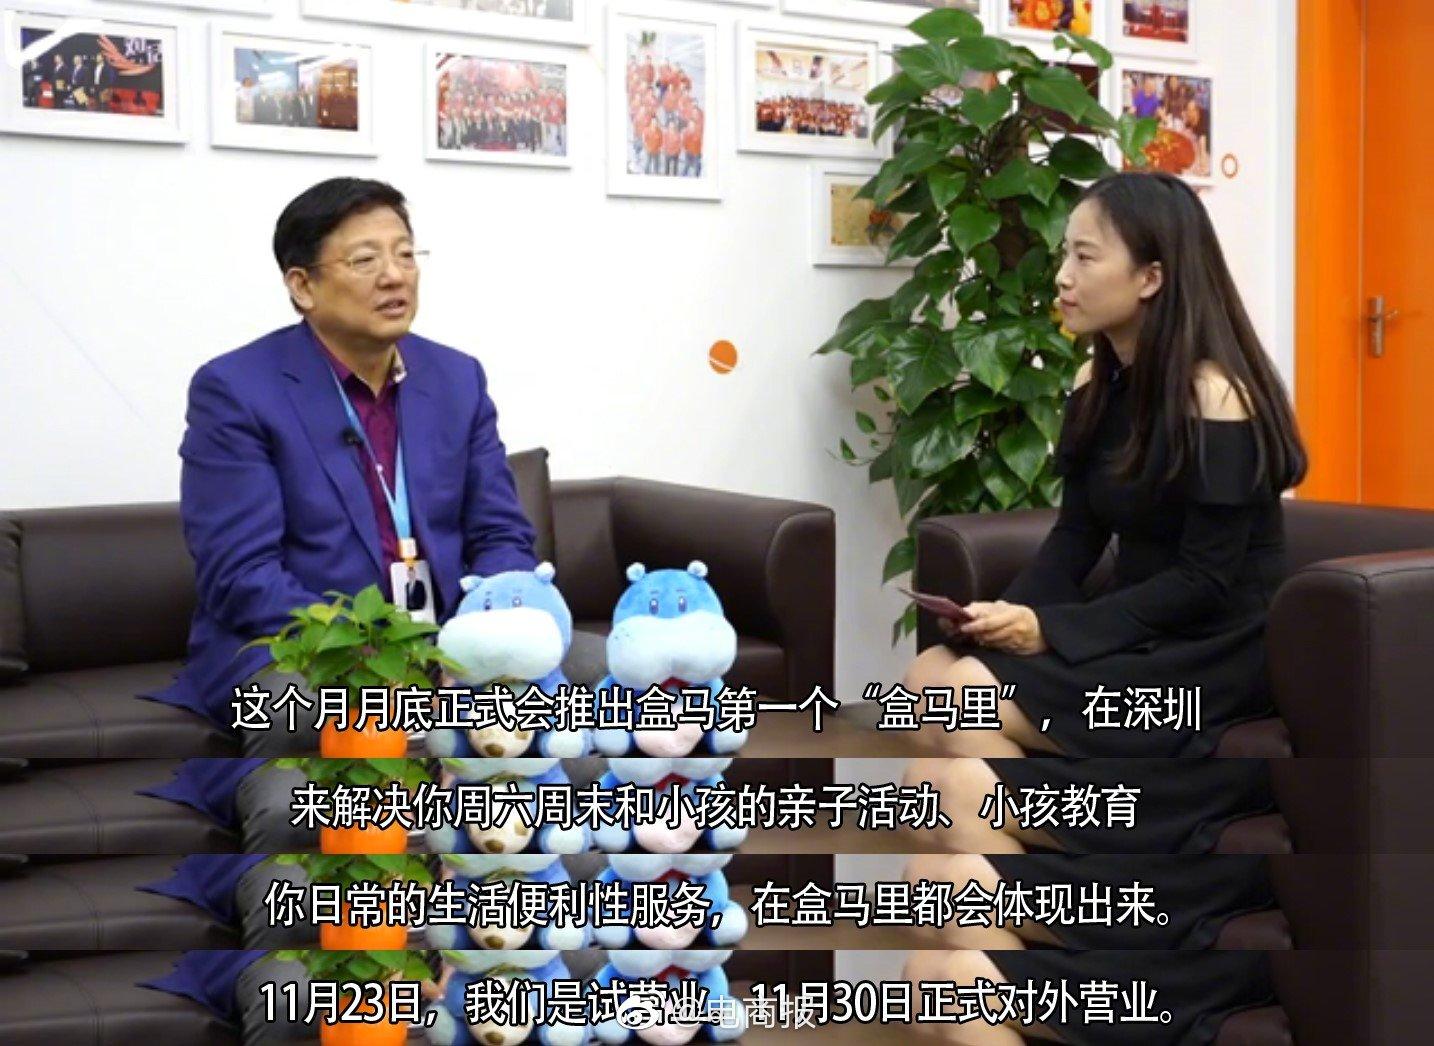 盒马探索新业态:盒马里11月30日深圳开业